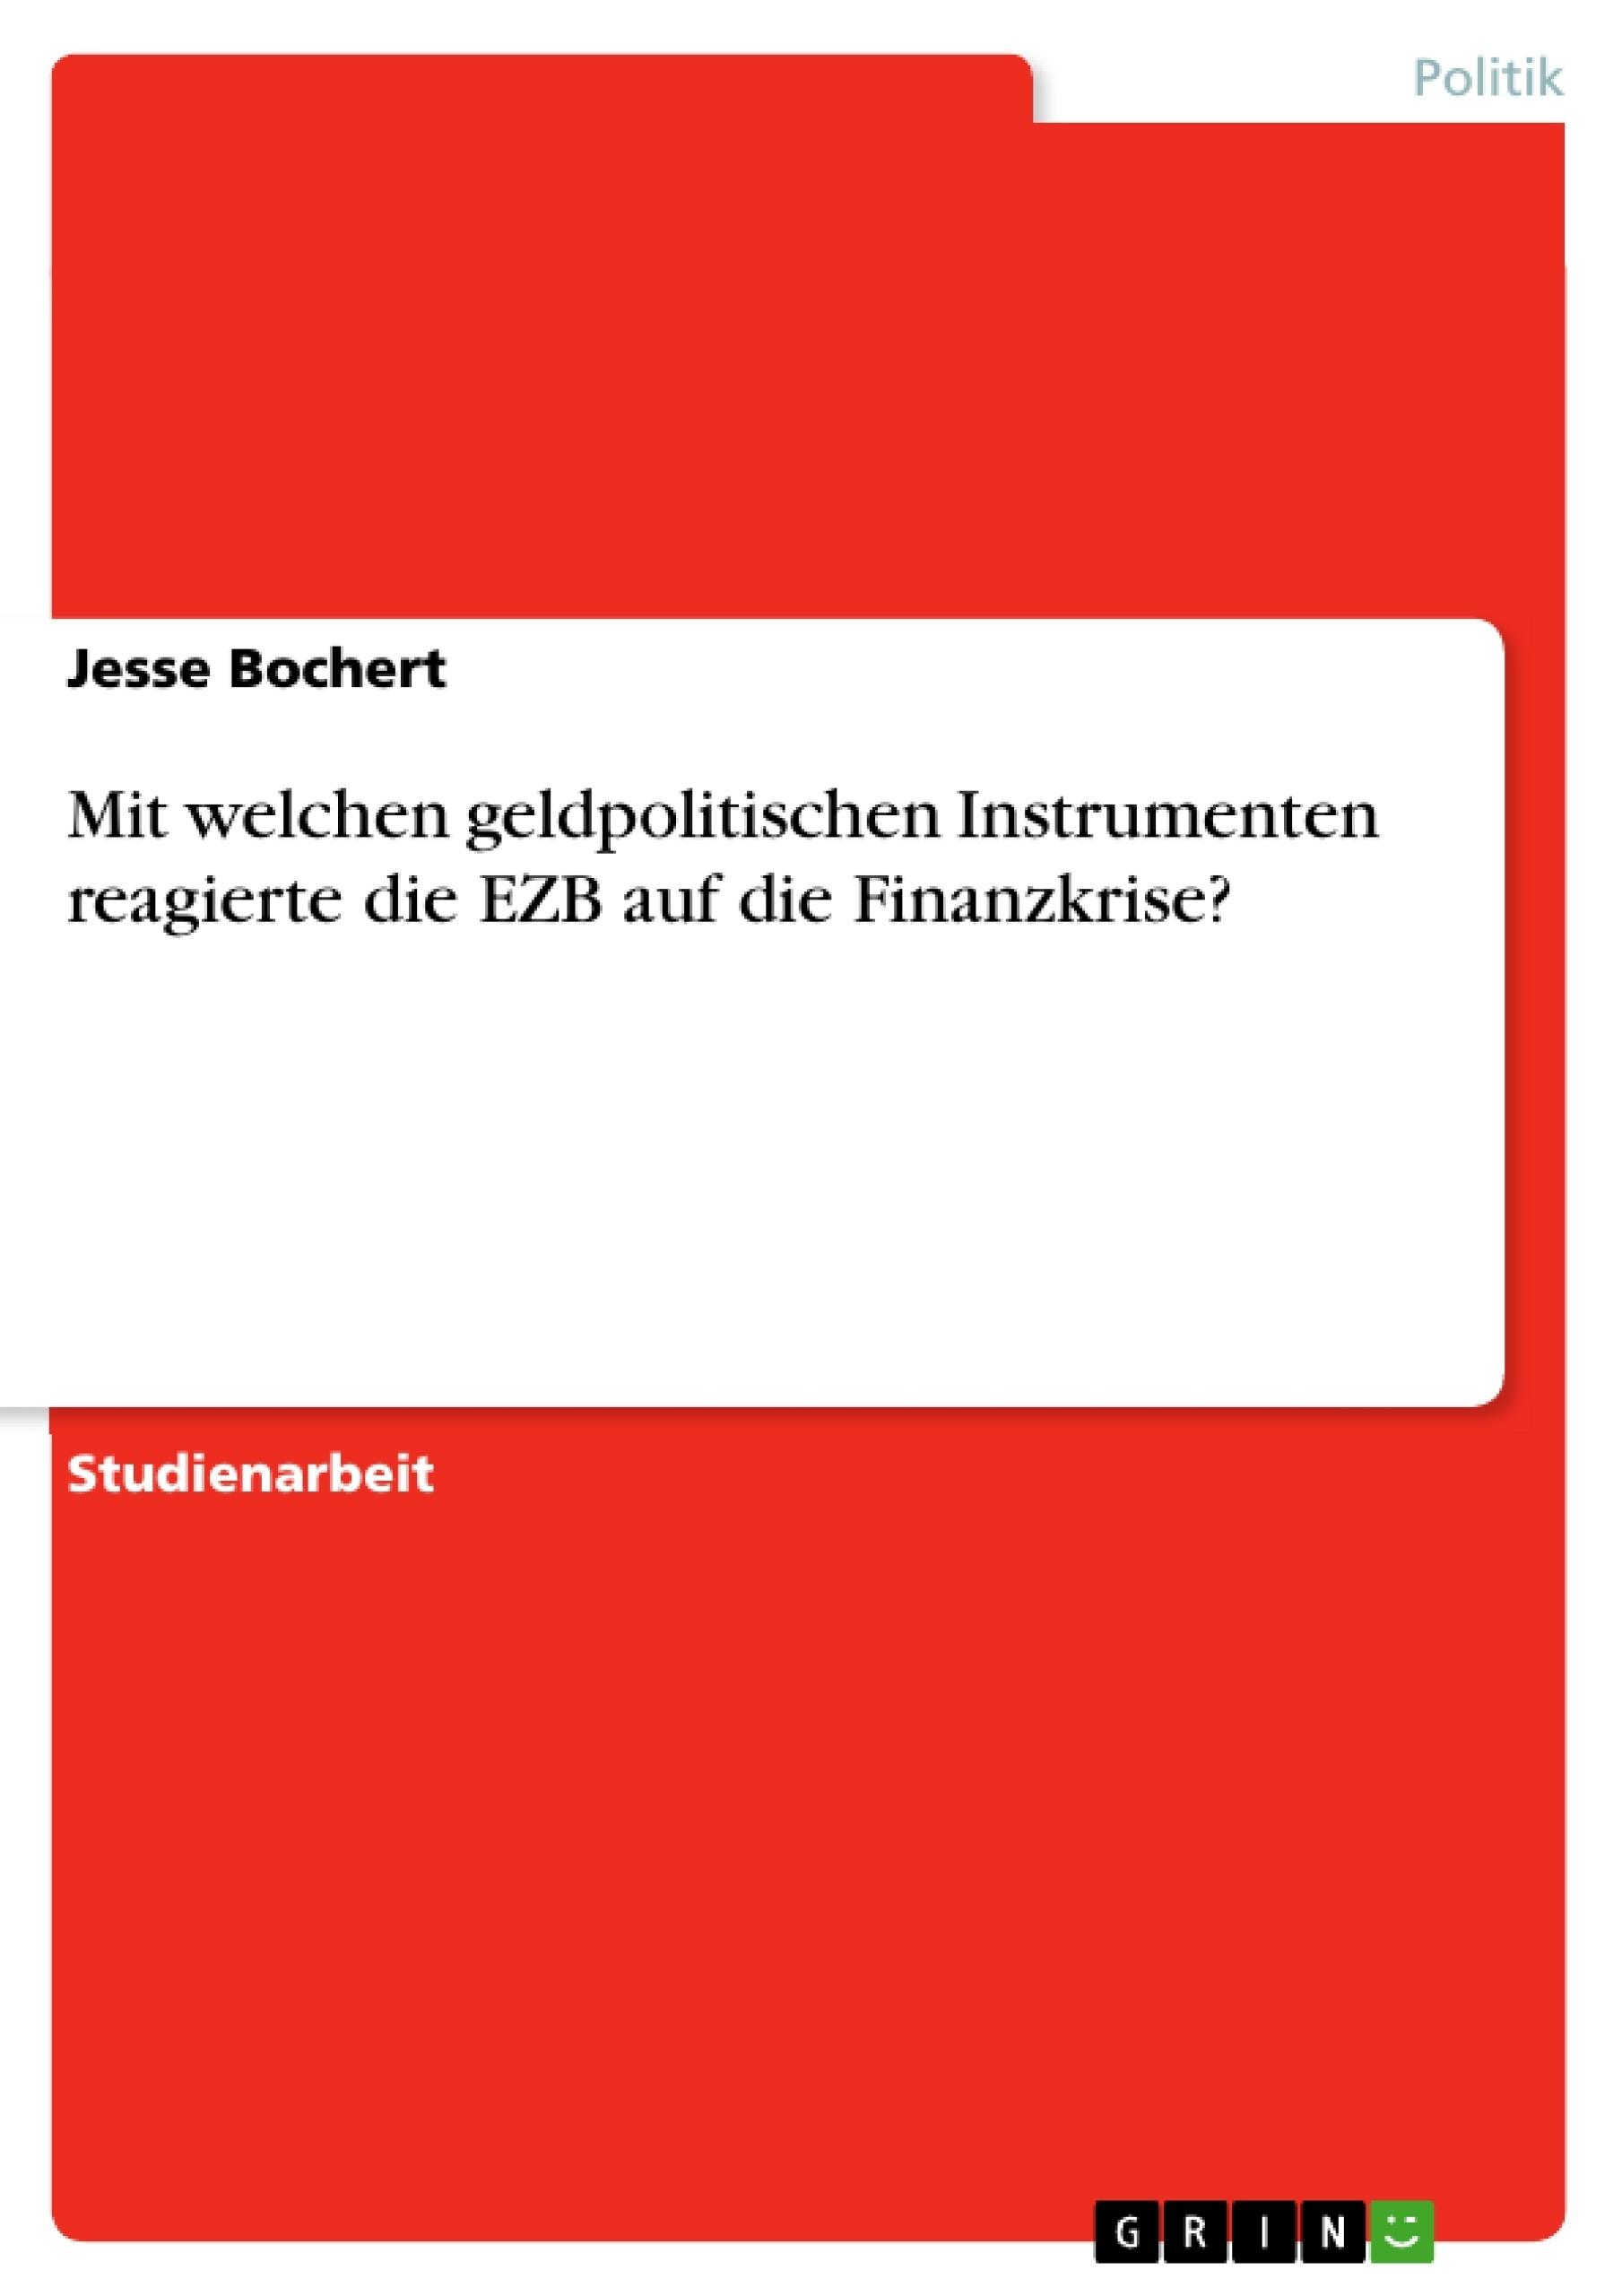 Titel: Mit welchen geldpolitischen Instrumenten reagierte die EZB auf die Finanzkrise?